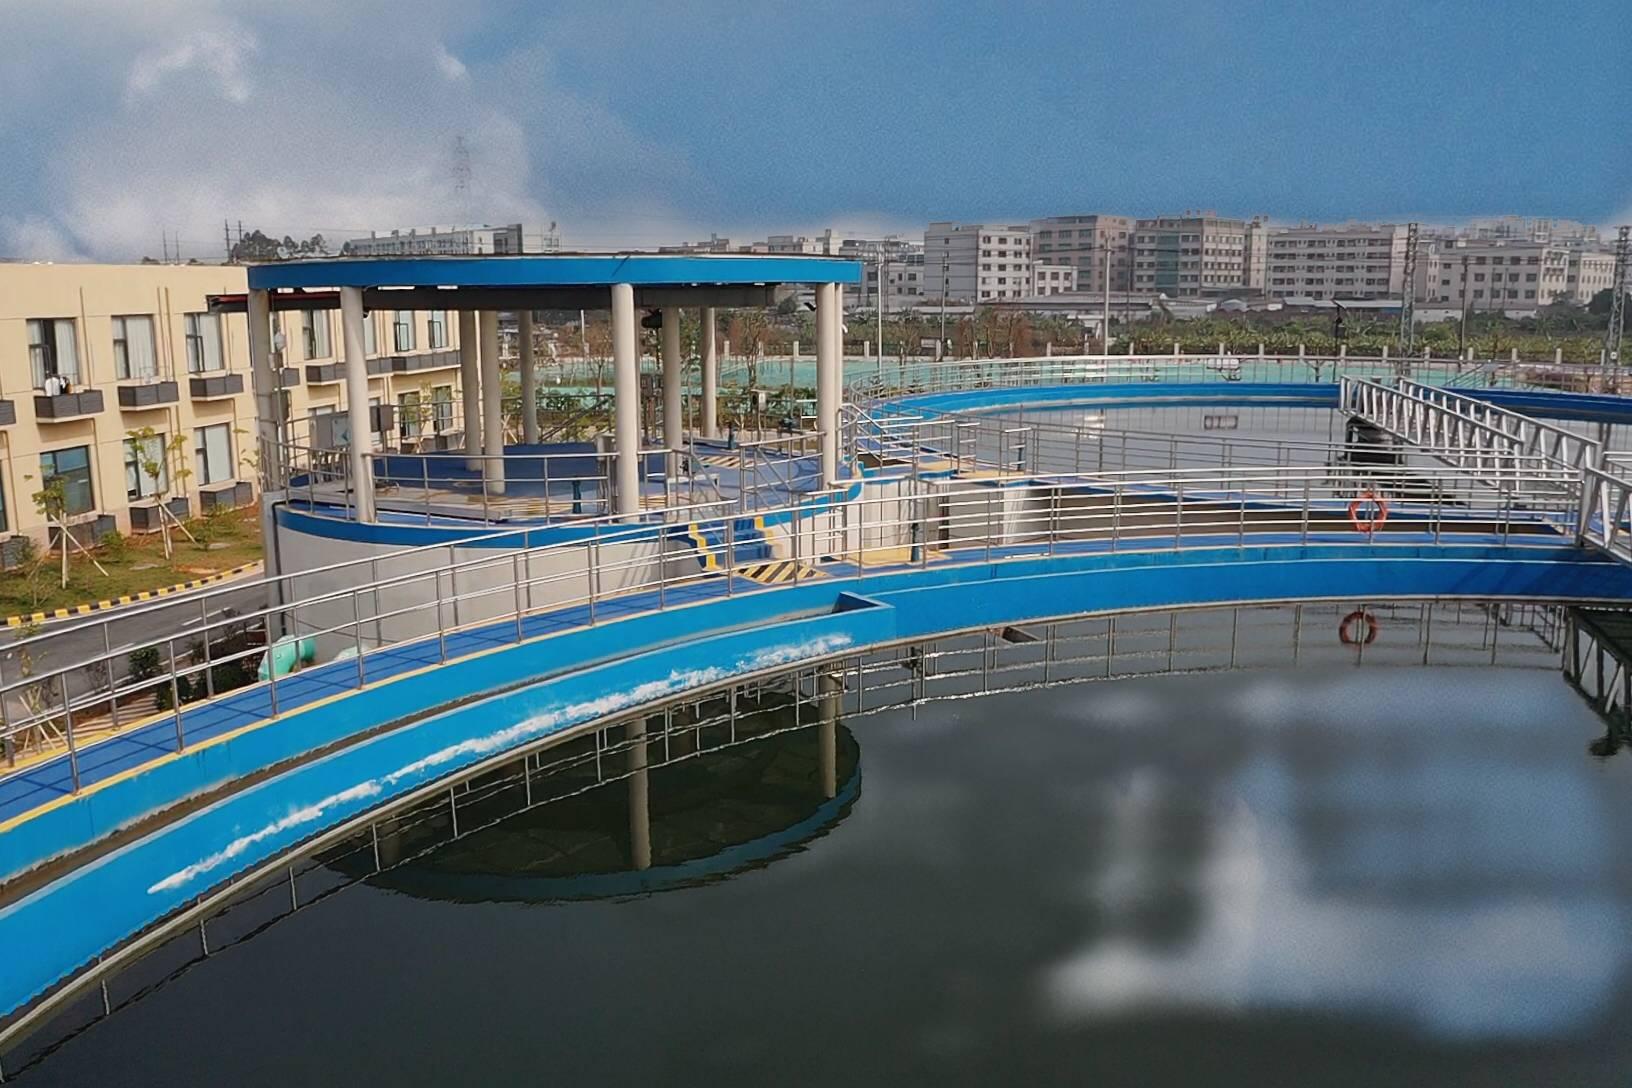 广东省广州市·增城区中心城区污水系统工程项目